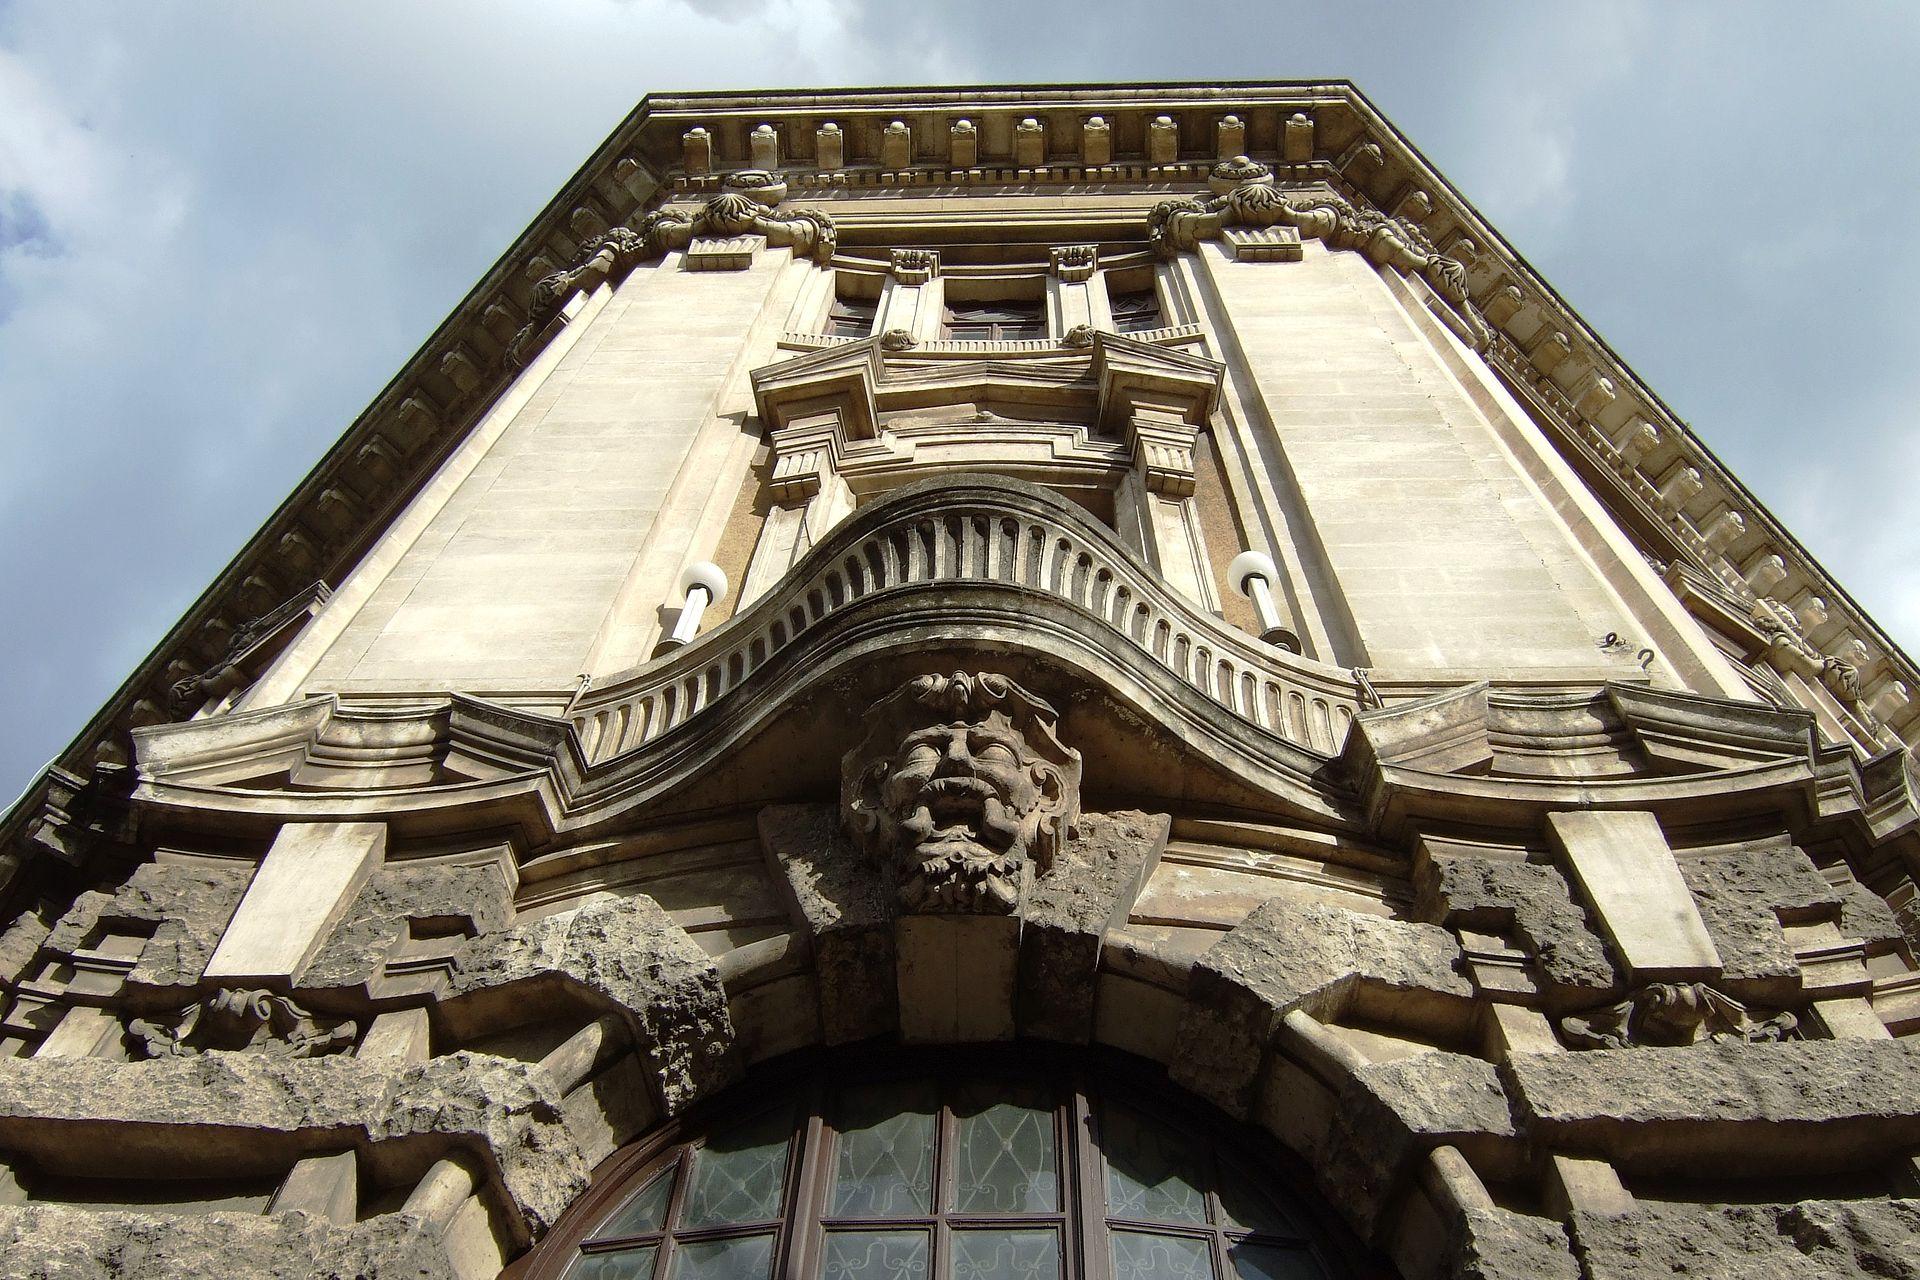 Francesco fichera wikipedia for Studio architettura catania